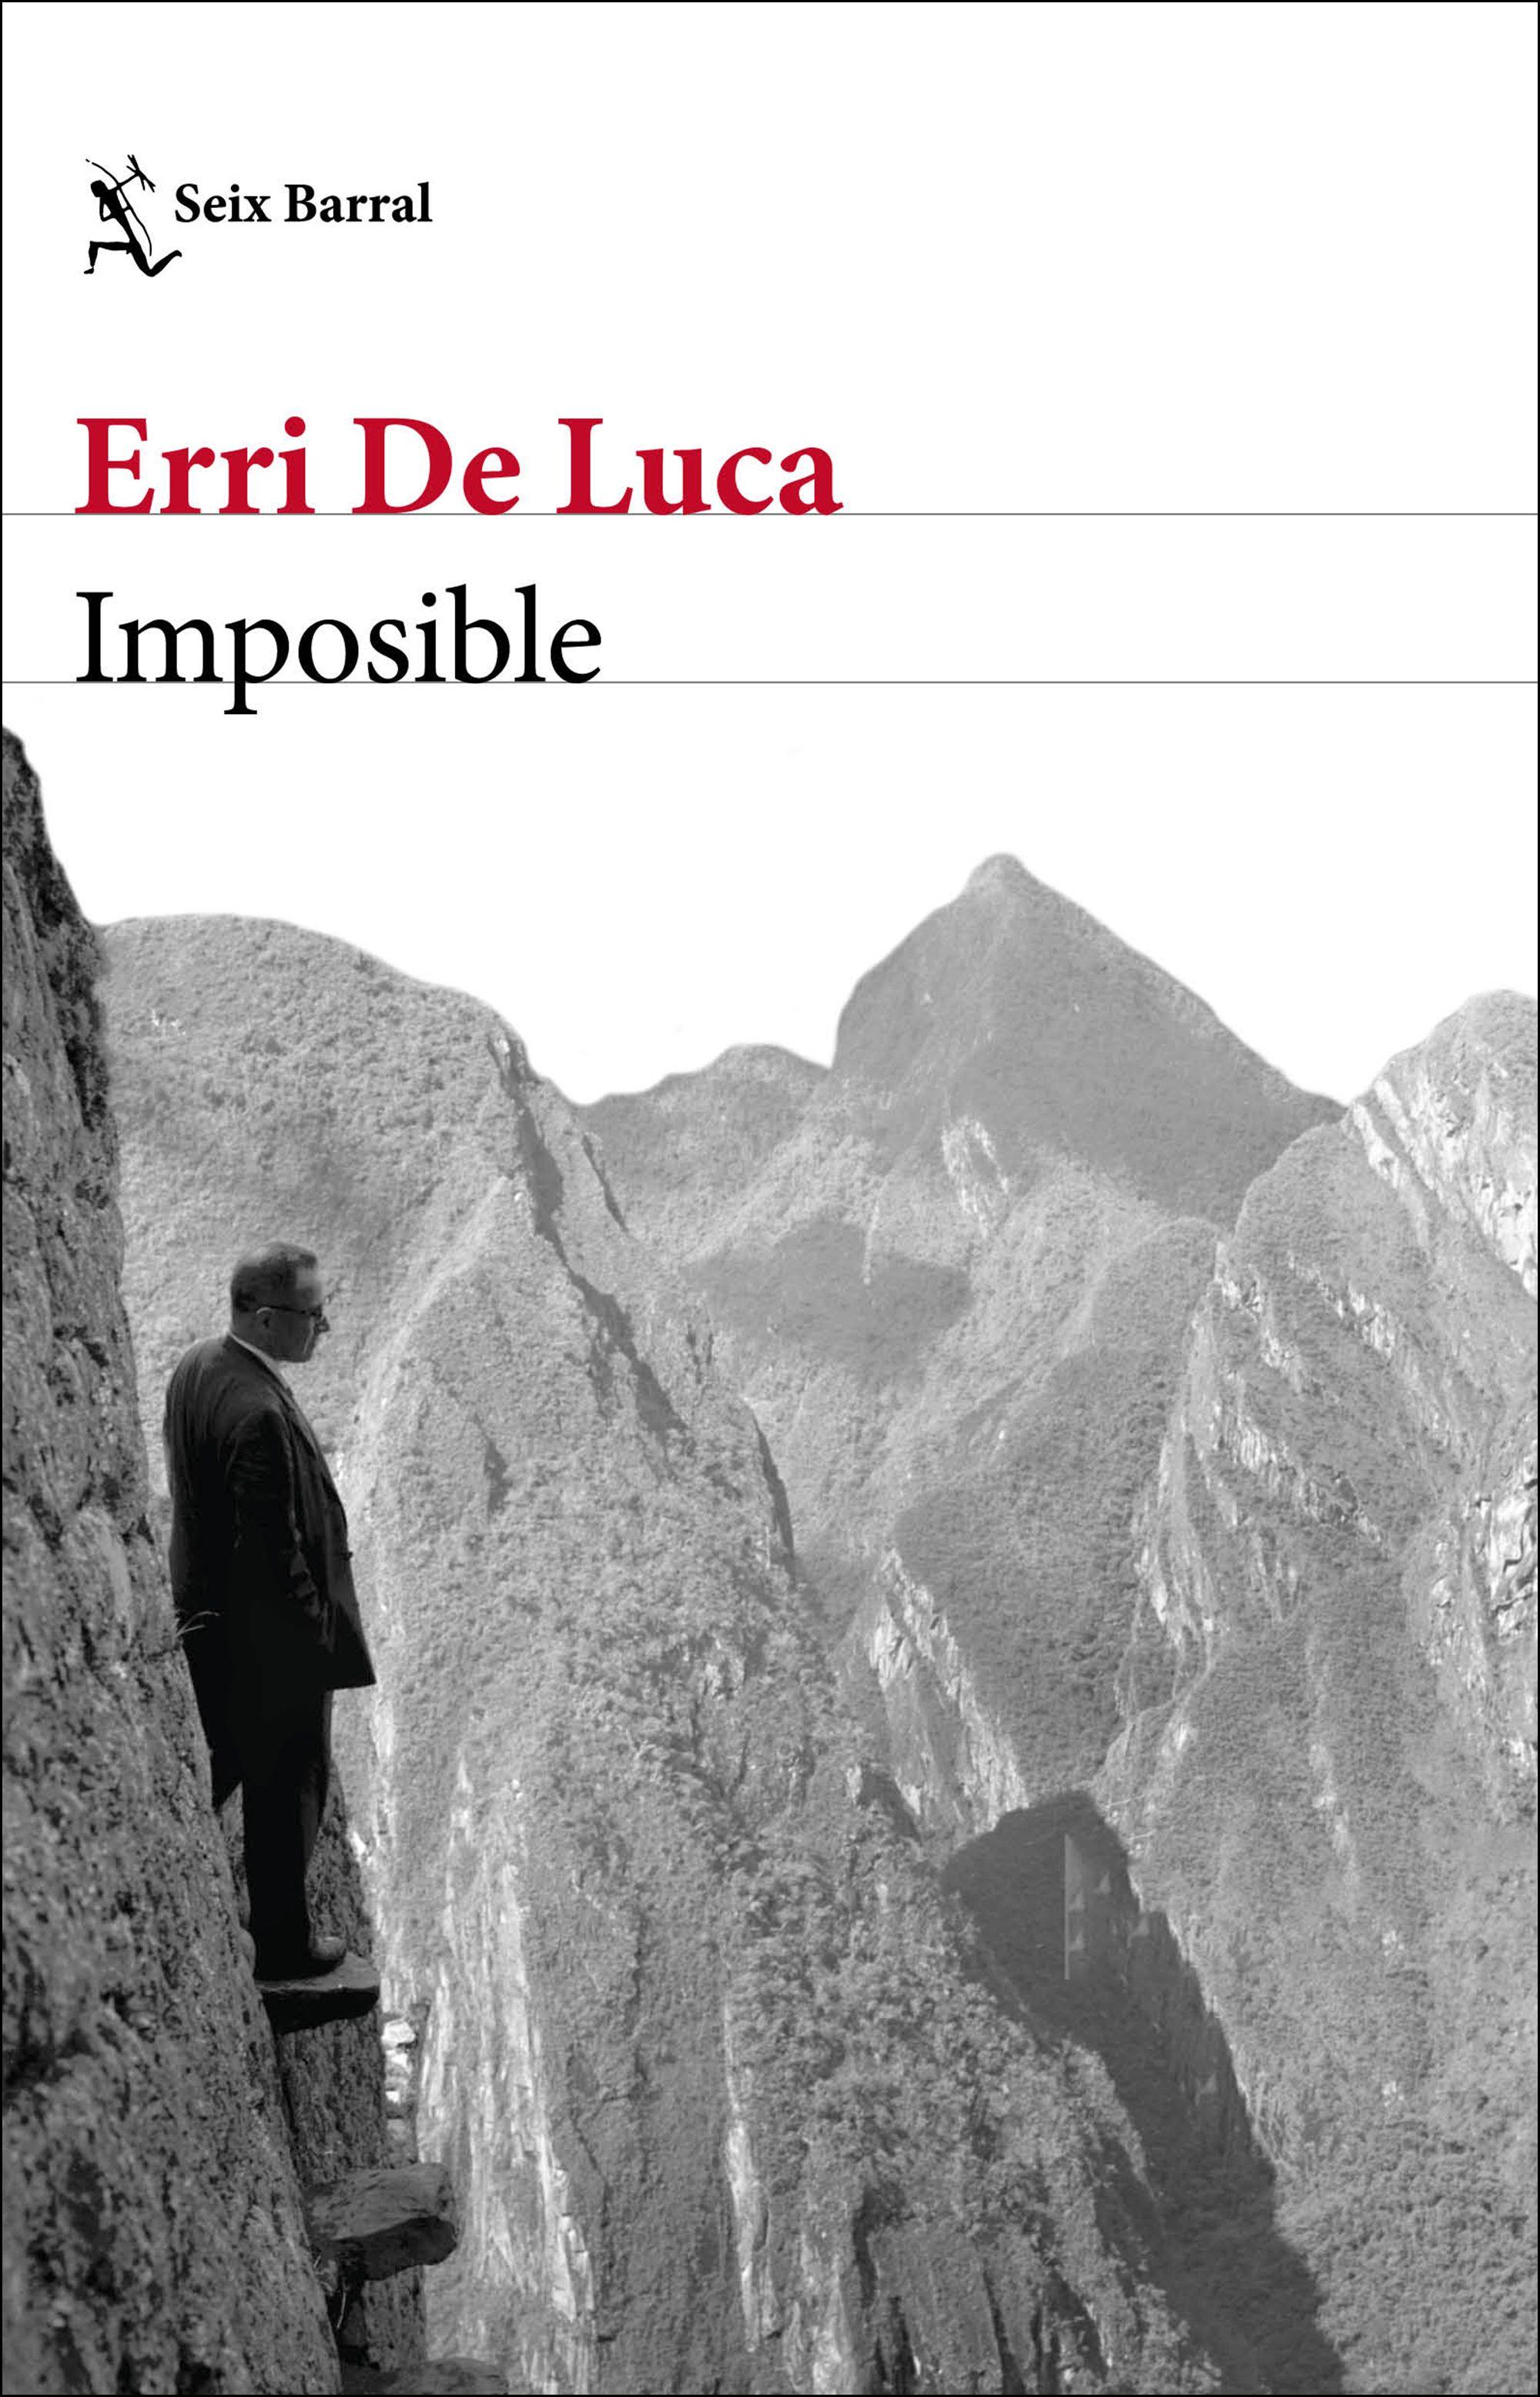 Imposible, de Erri De Luca - Premio Estandarte 2020 a mejor novela del año